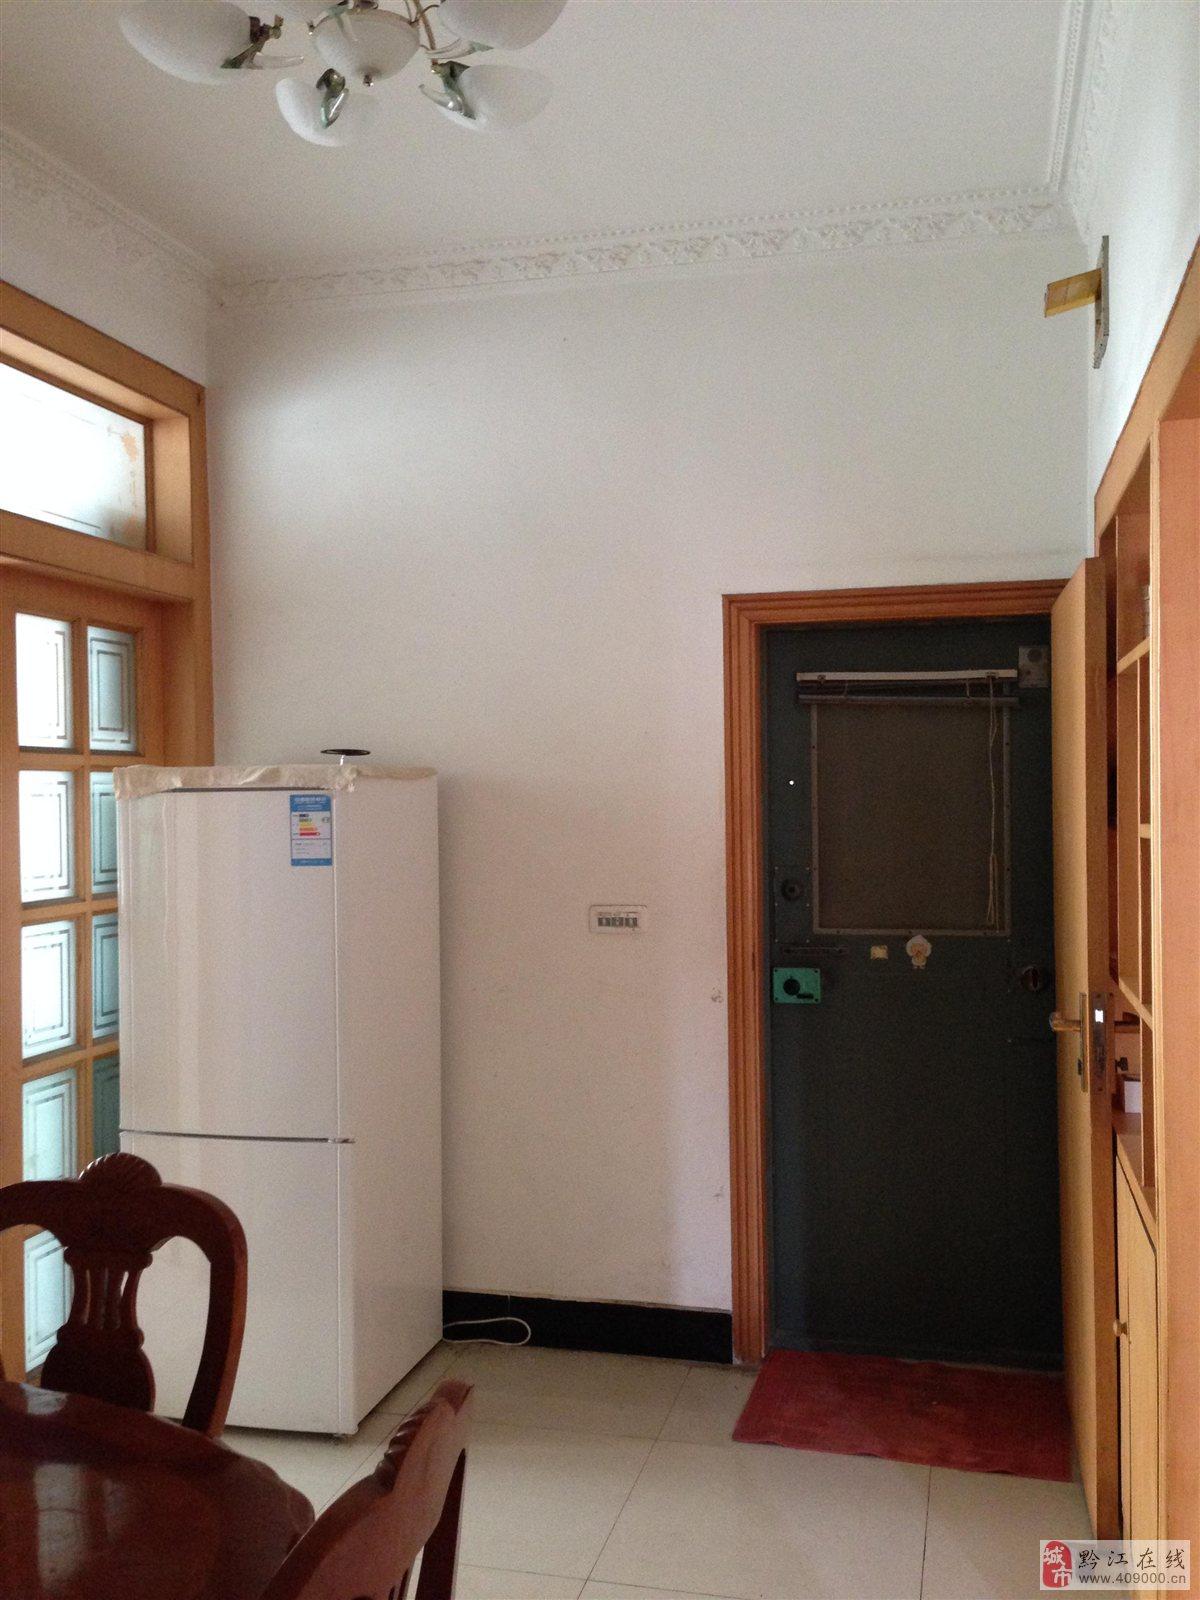 西山转盘三峡银行后面单间房屋出租(限单身女性)